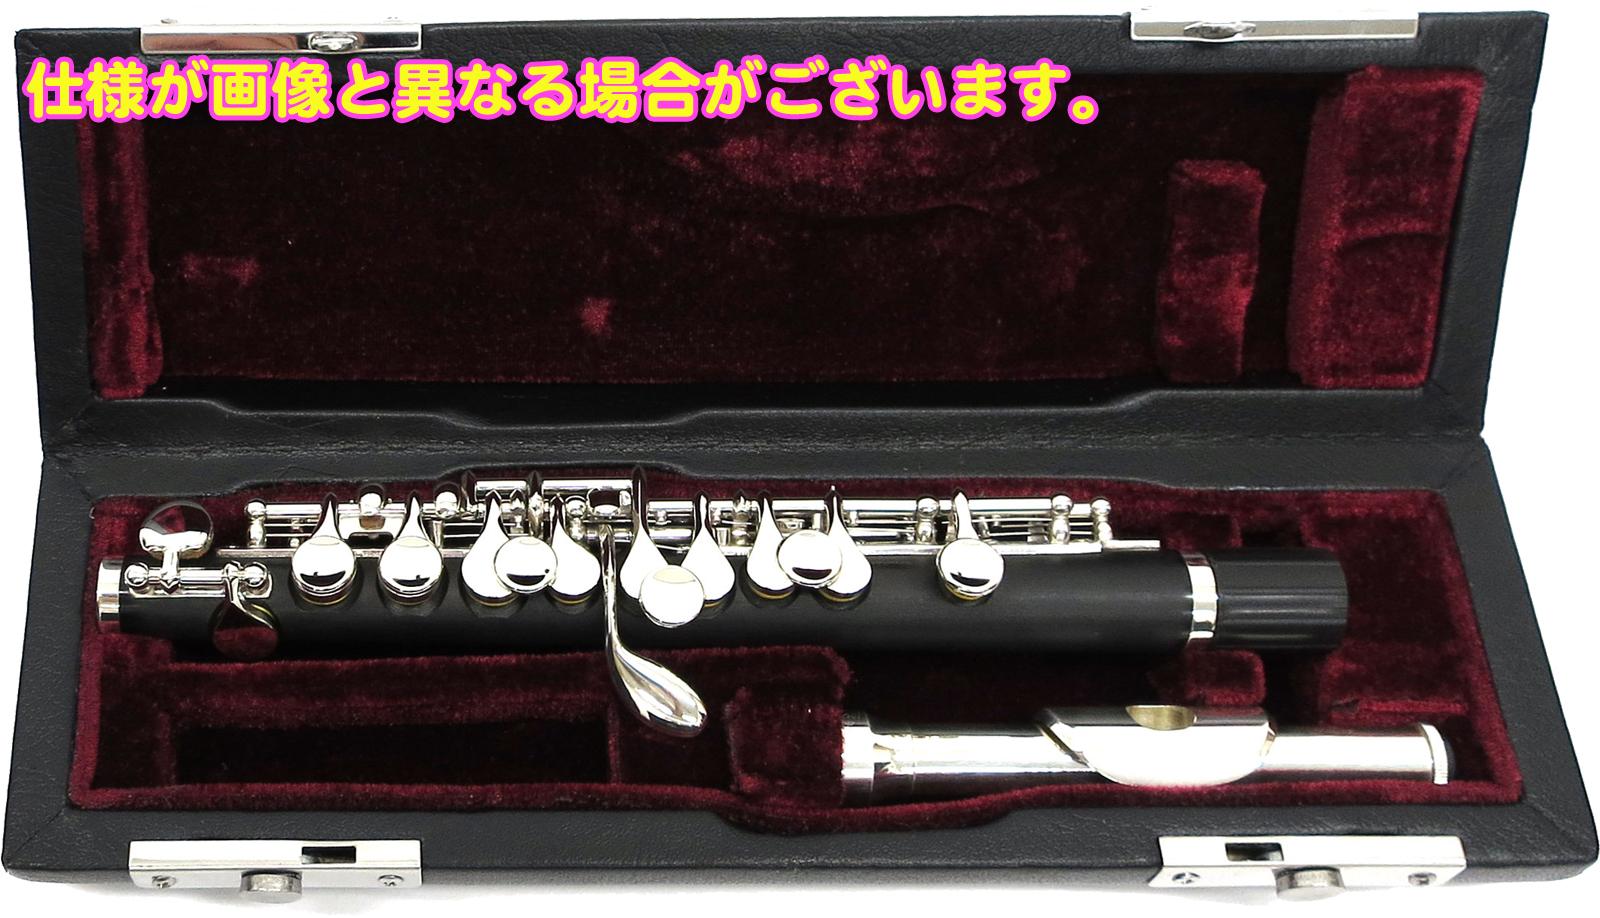 在短笛PC-400新货合成木制材料推荐的J迈克尔E机理本体情况安排木管乐器保养简单的初学者吹奏乐练习用以及长笛持久性替换J.Michael旧: PC-360 PC400 piccolo